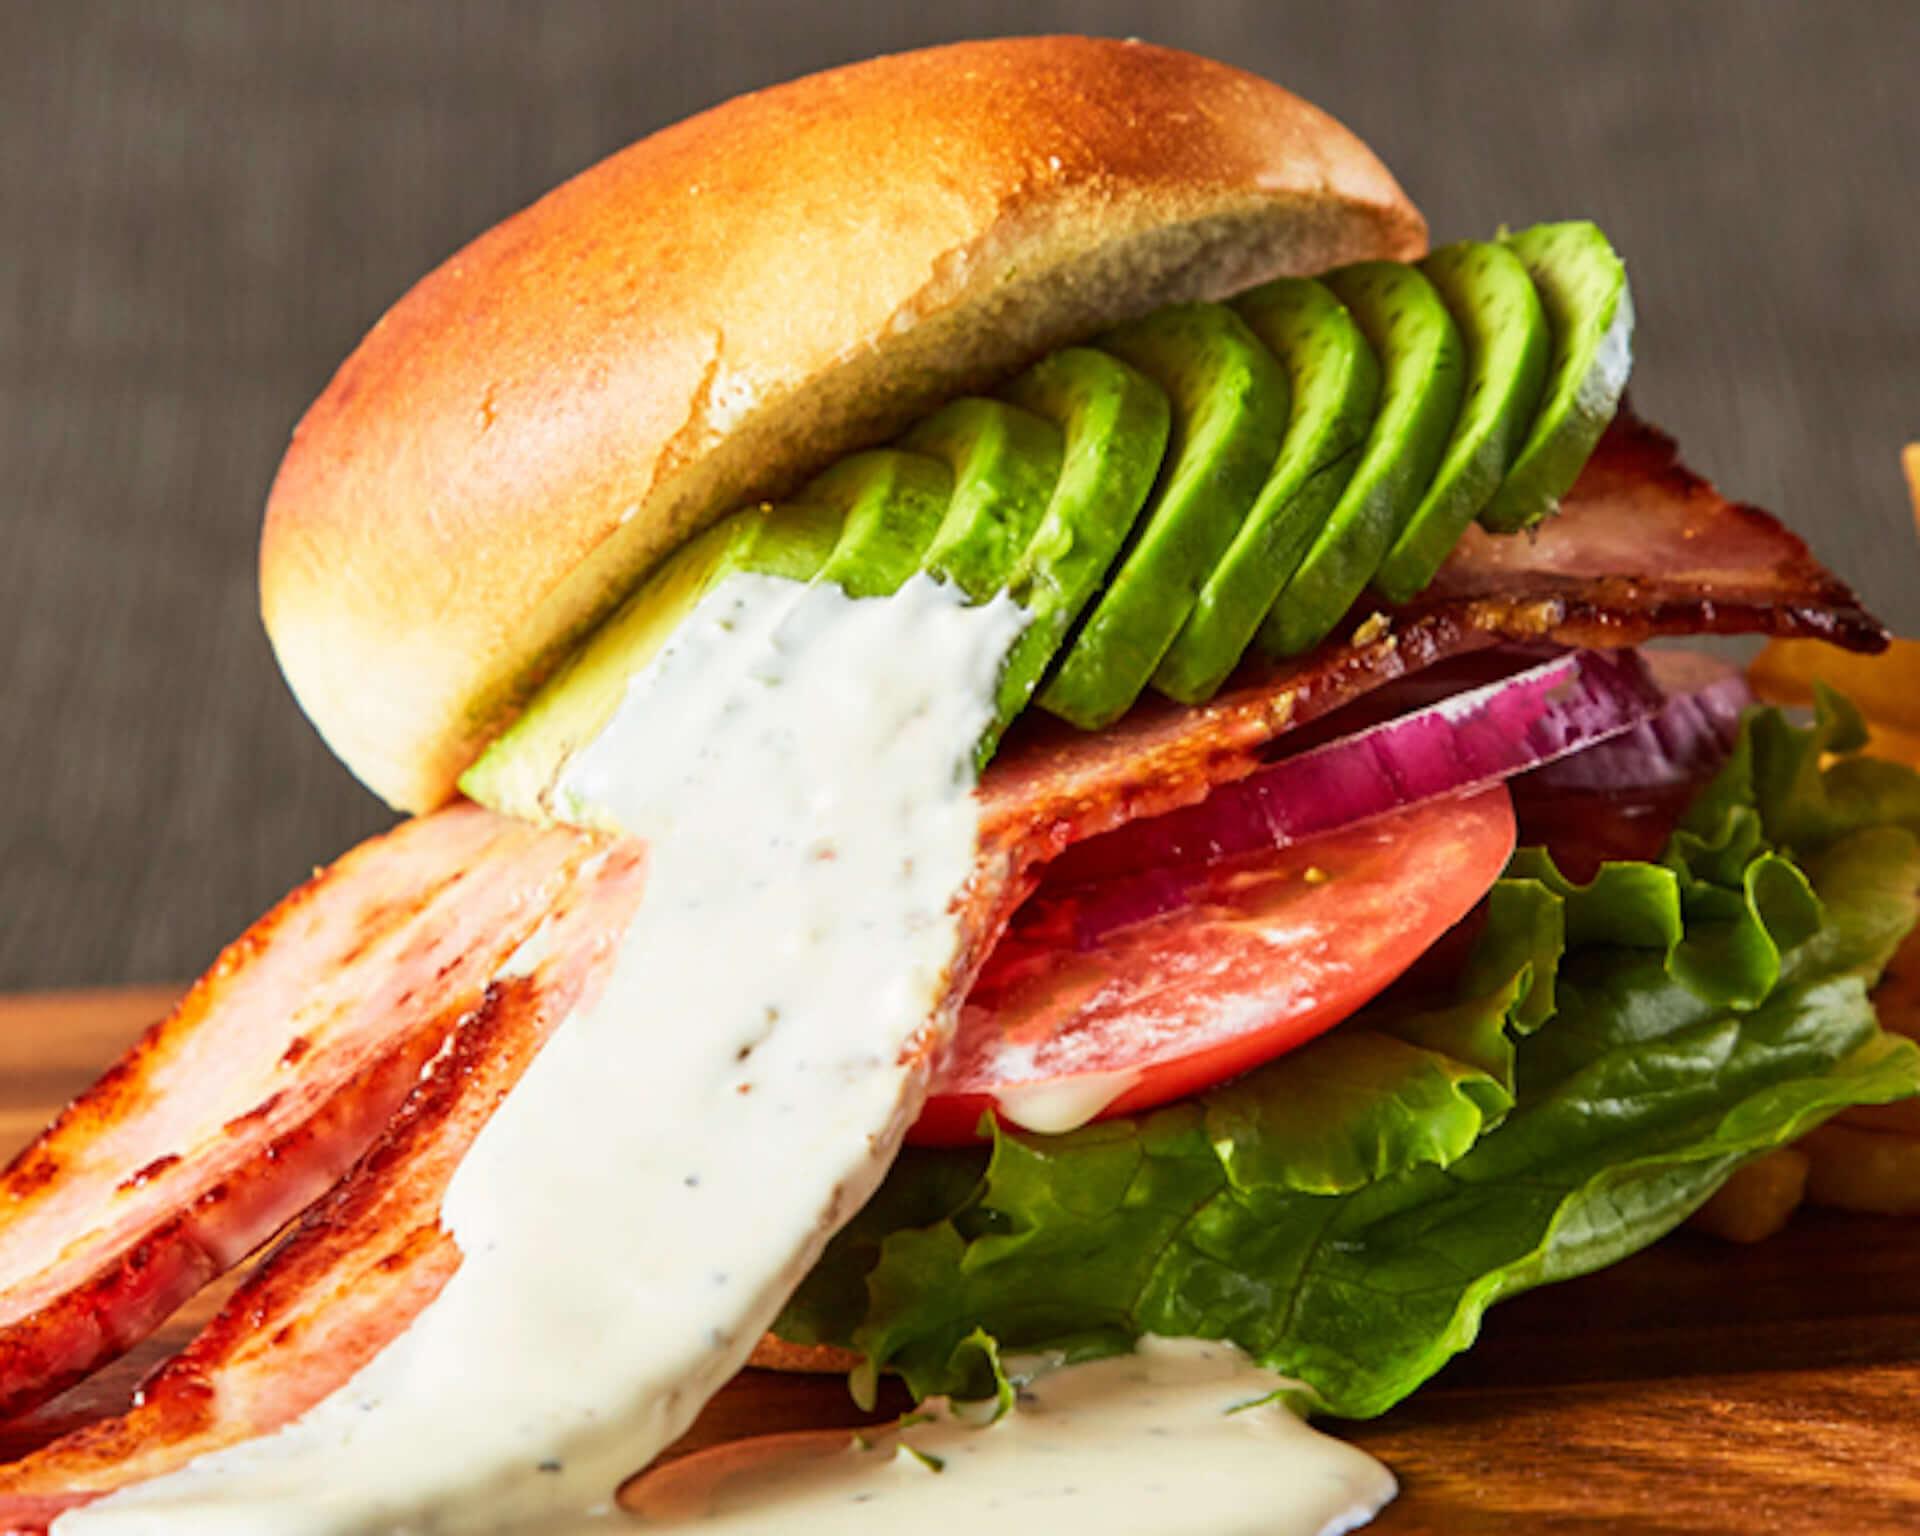 Uber Eatsでお得にハンバーガーを楽しもう!「肉ソンフレッシュです!バーガー 渋谷店」で<食欲の秋!肉肉祭り>キャンペーンが開始 gourmet200901_freshdesu-burger_8-1920x1536